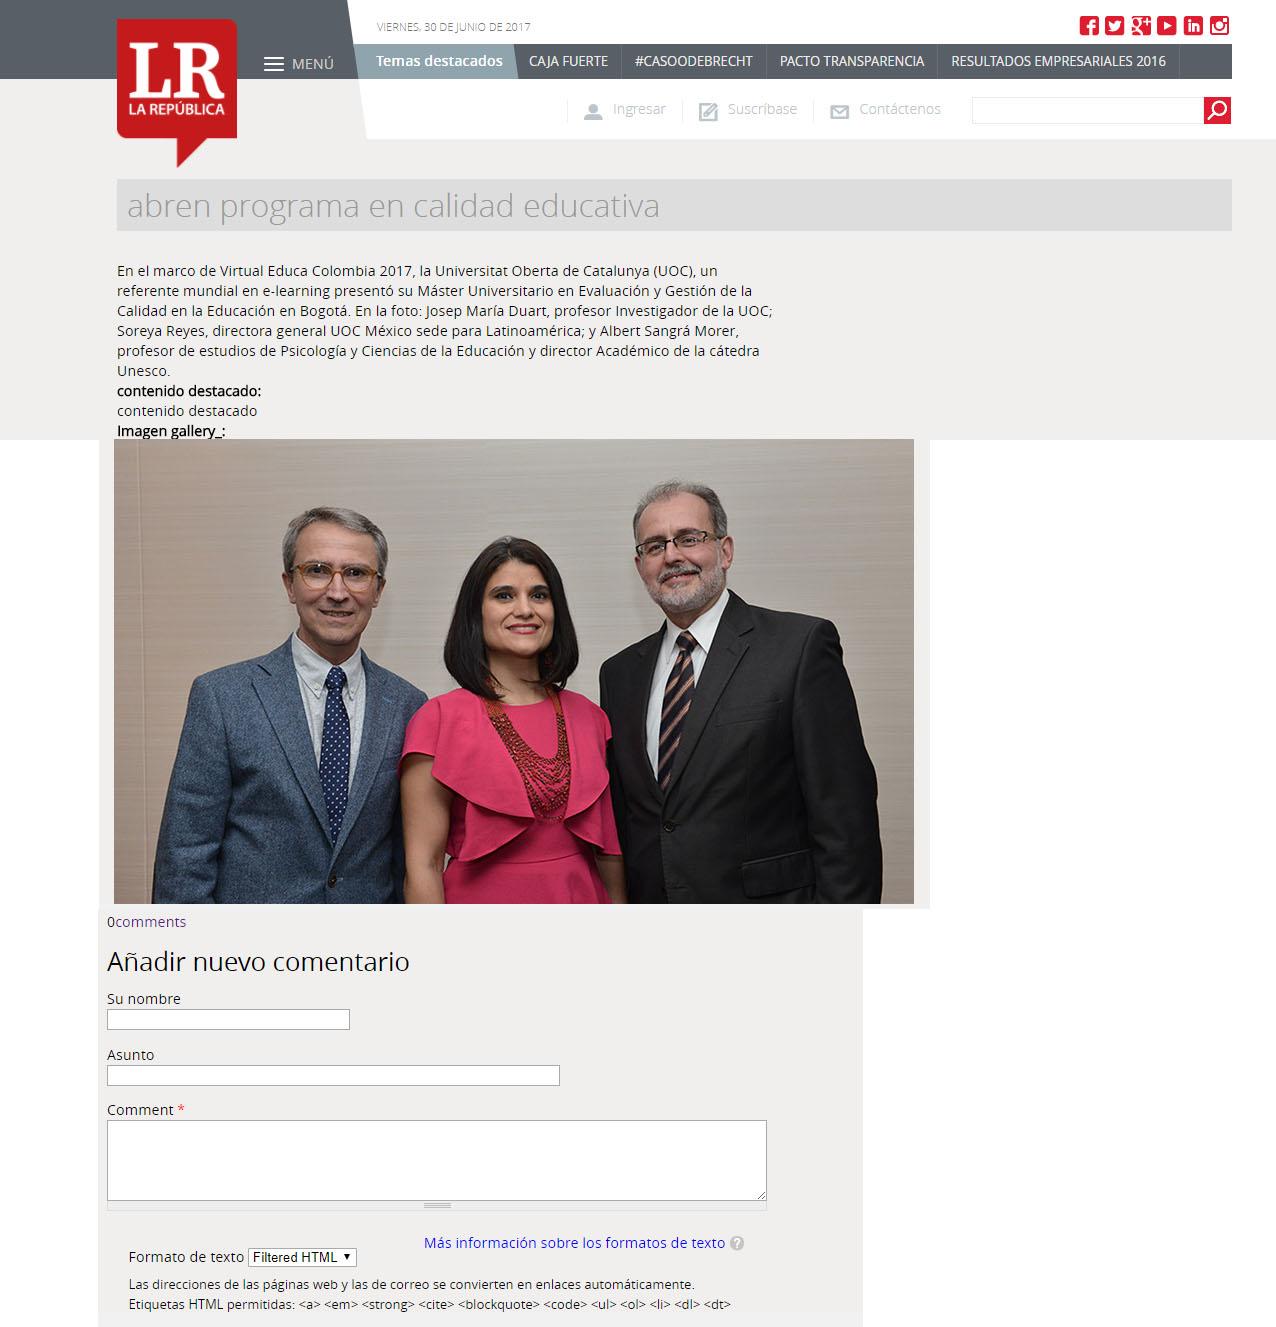 www.larepublica.co 30 de junio 2017